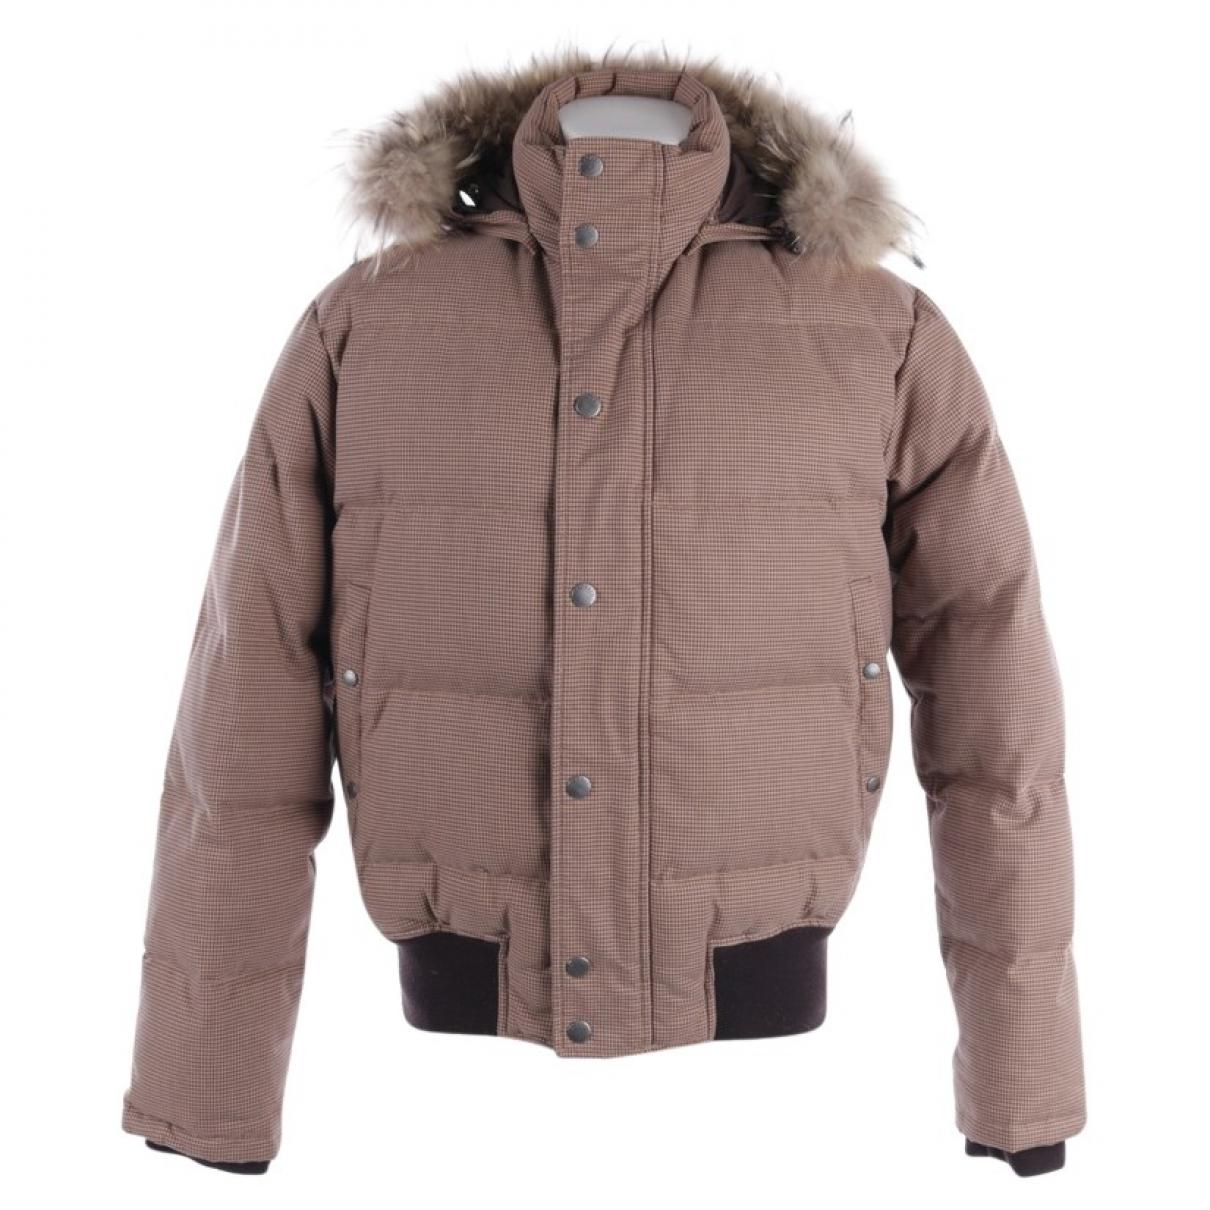 Hackett London \N Beige Cotton jacket for Women L International